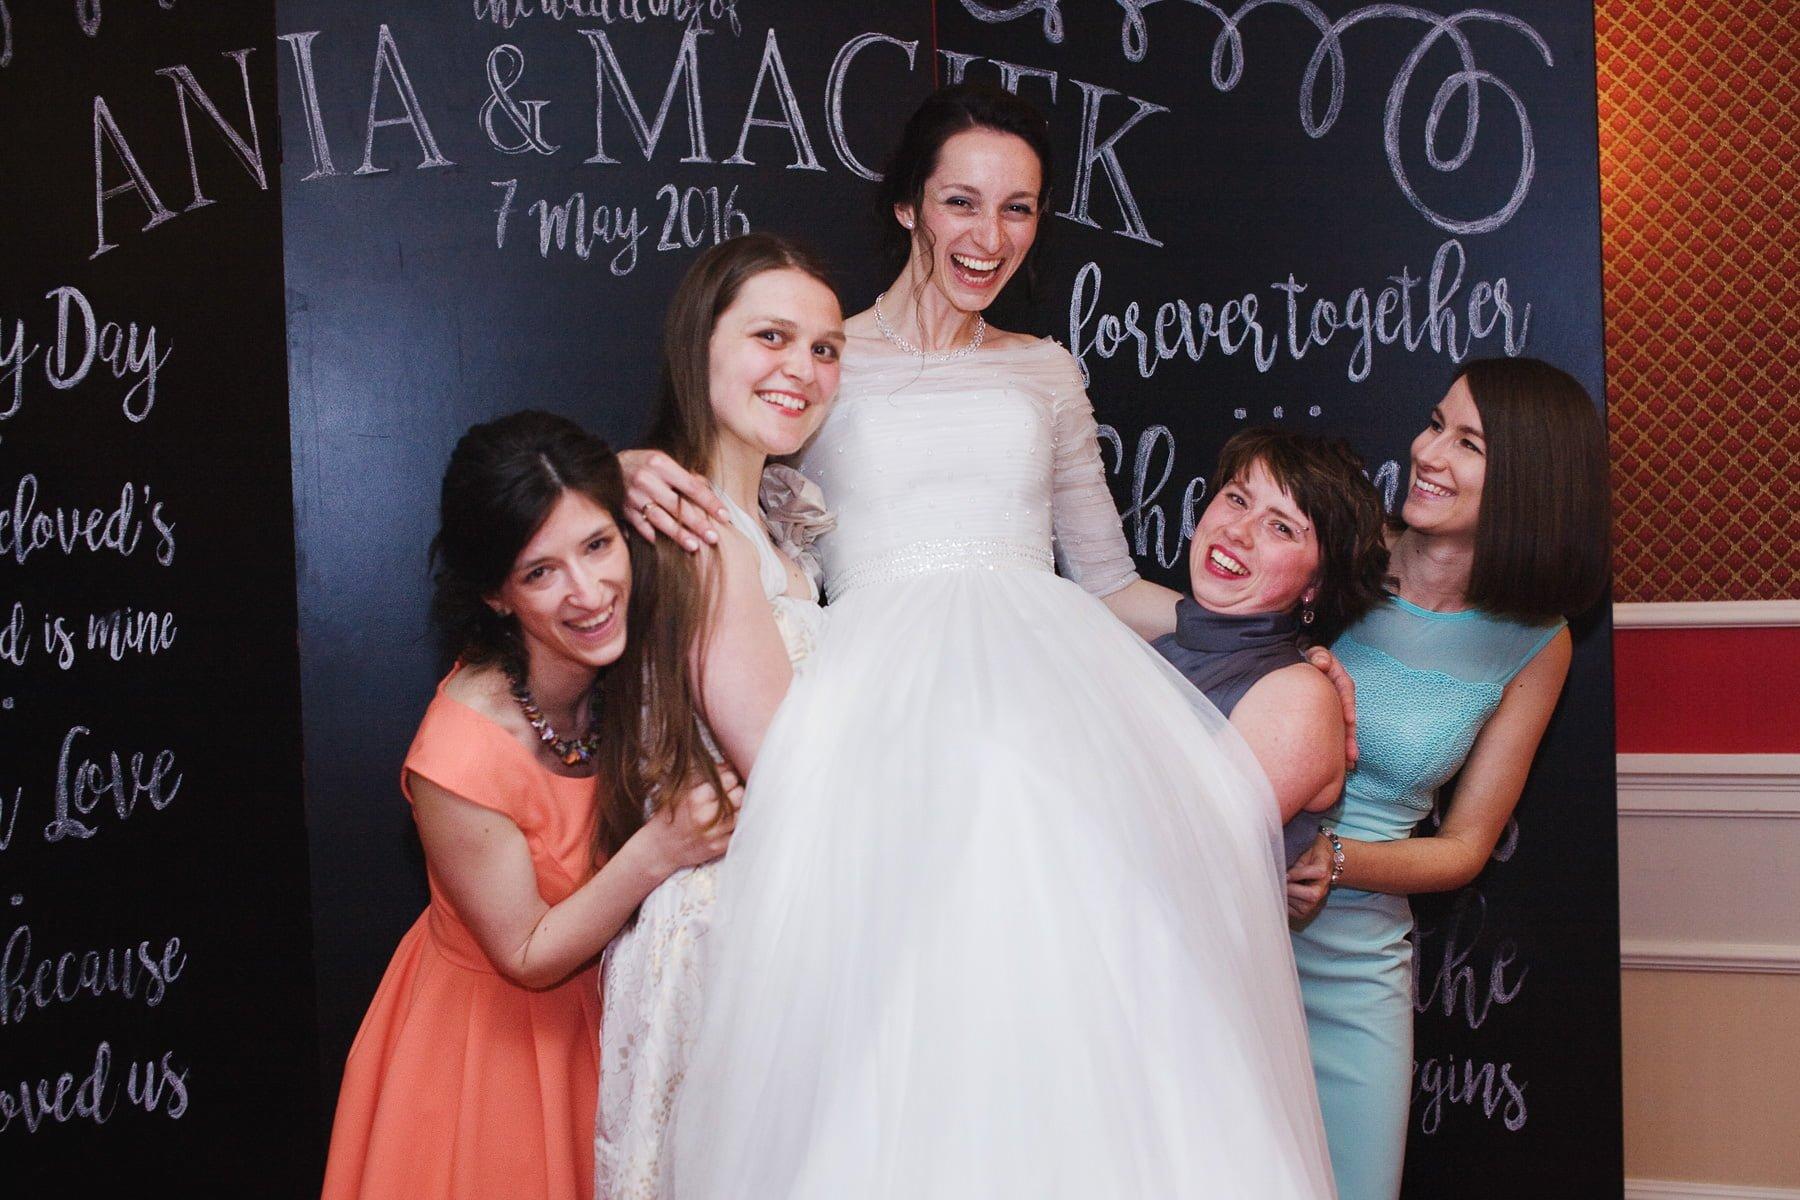 fotograf slub bielsko biala ania maciej 109 - Ślub w Bielsku-Białej - ANIA & MACIEJ